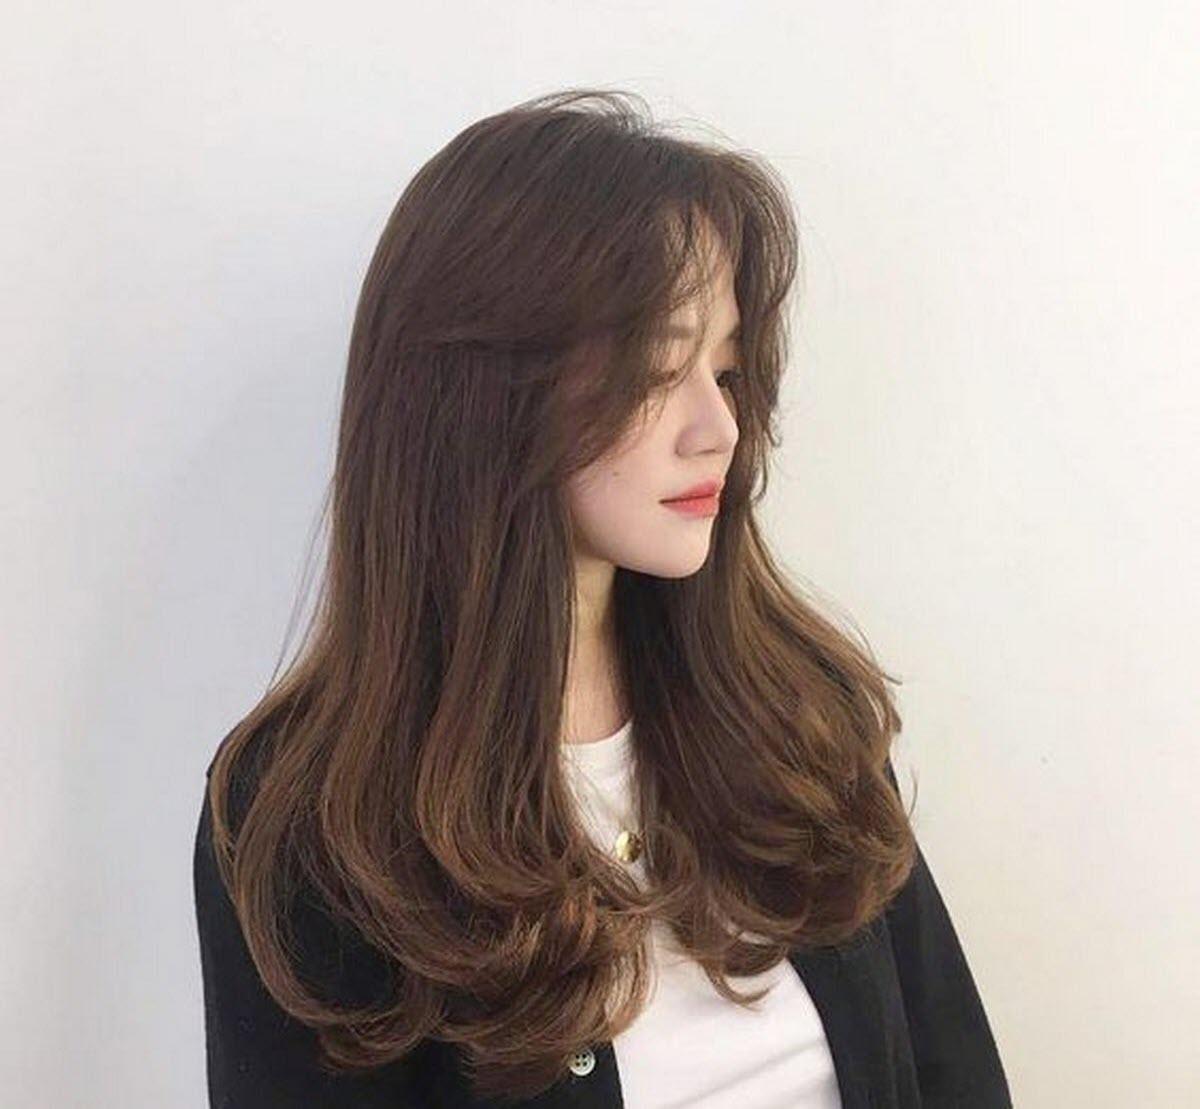 Kiểu tóc duỗi phần đuôi trông sắc sảo và quyến rũ được nhiều chị em chọn lựa